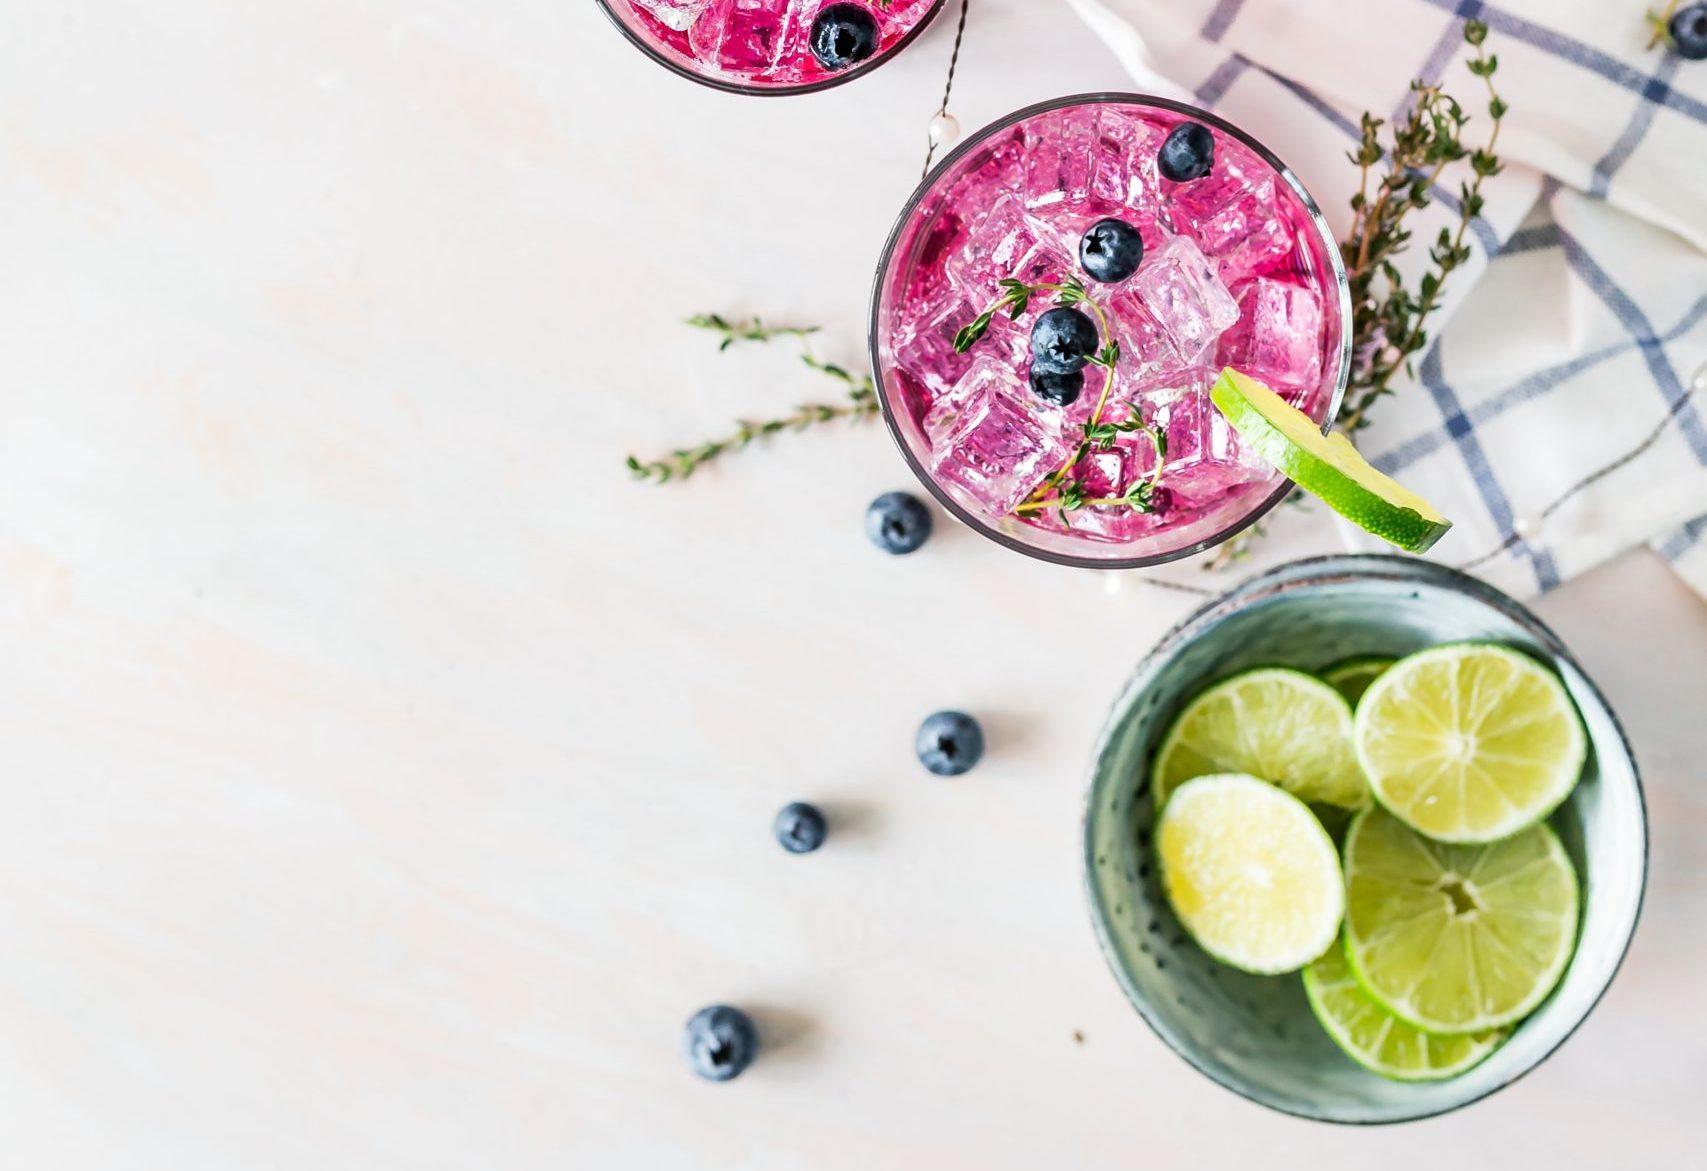 Darmgesundheit & Ernährung